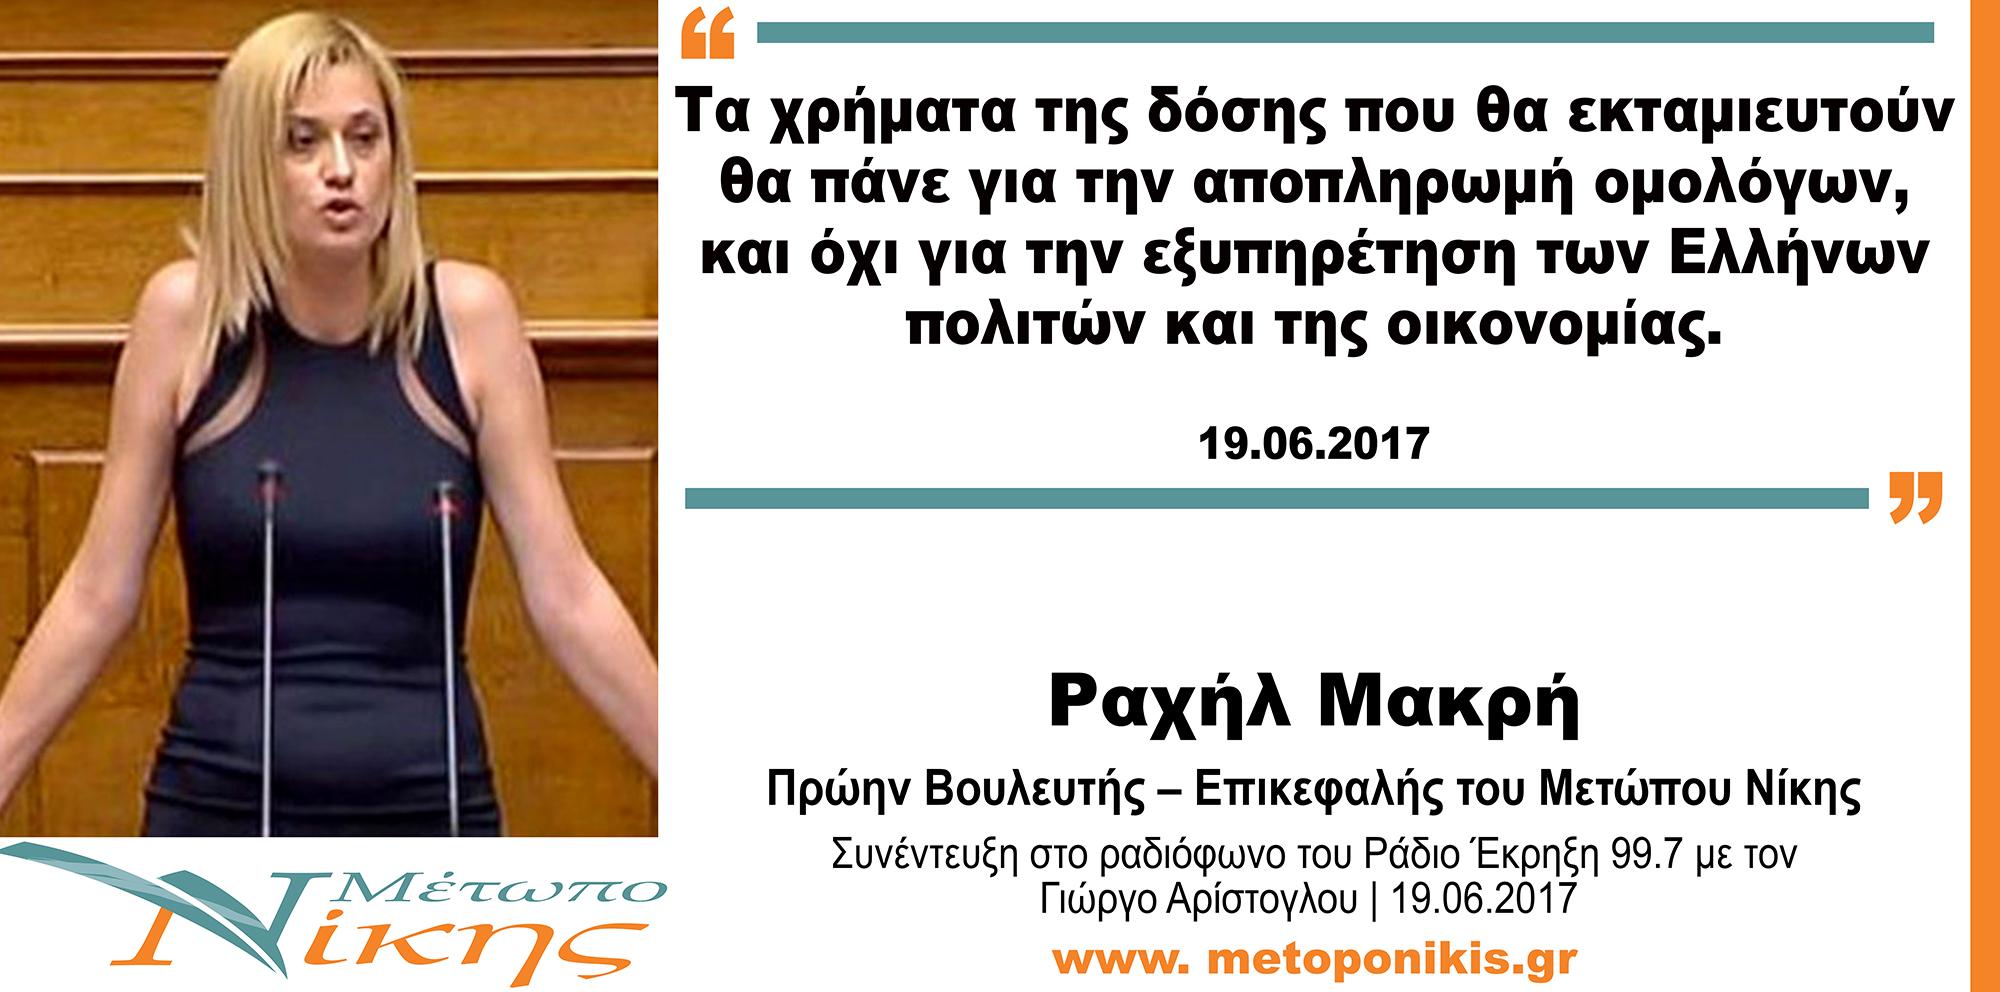 Ραχήλ Μακρή: «Τα χρήματα της δόσης που θα εκταμιευτούν θα πάνε για την αποπληρωμή ομολόγων και όχι για την εξυπηρέτηση των Ελλήνων πολιτών και της οικονομίας» | 19.06.2017